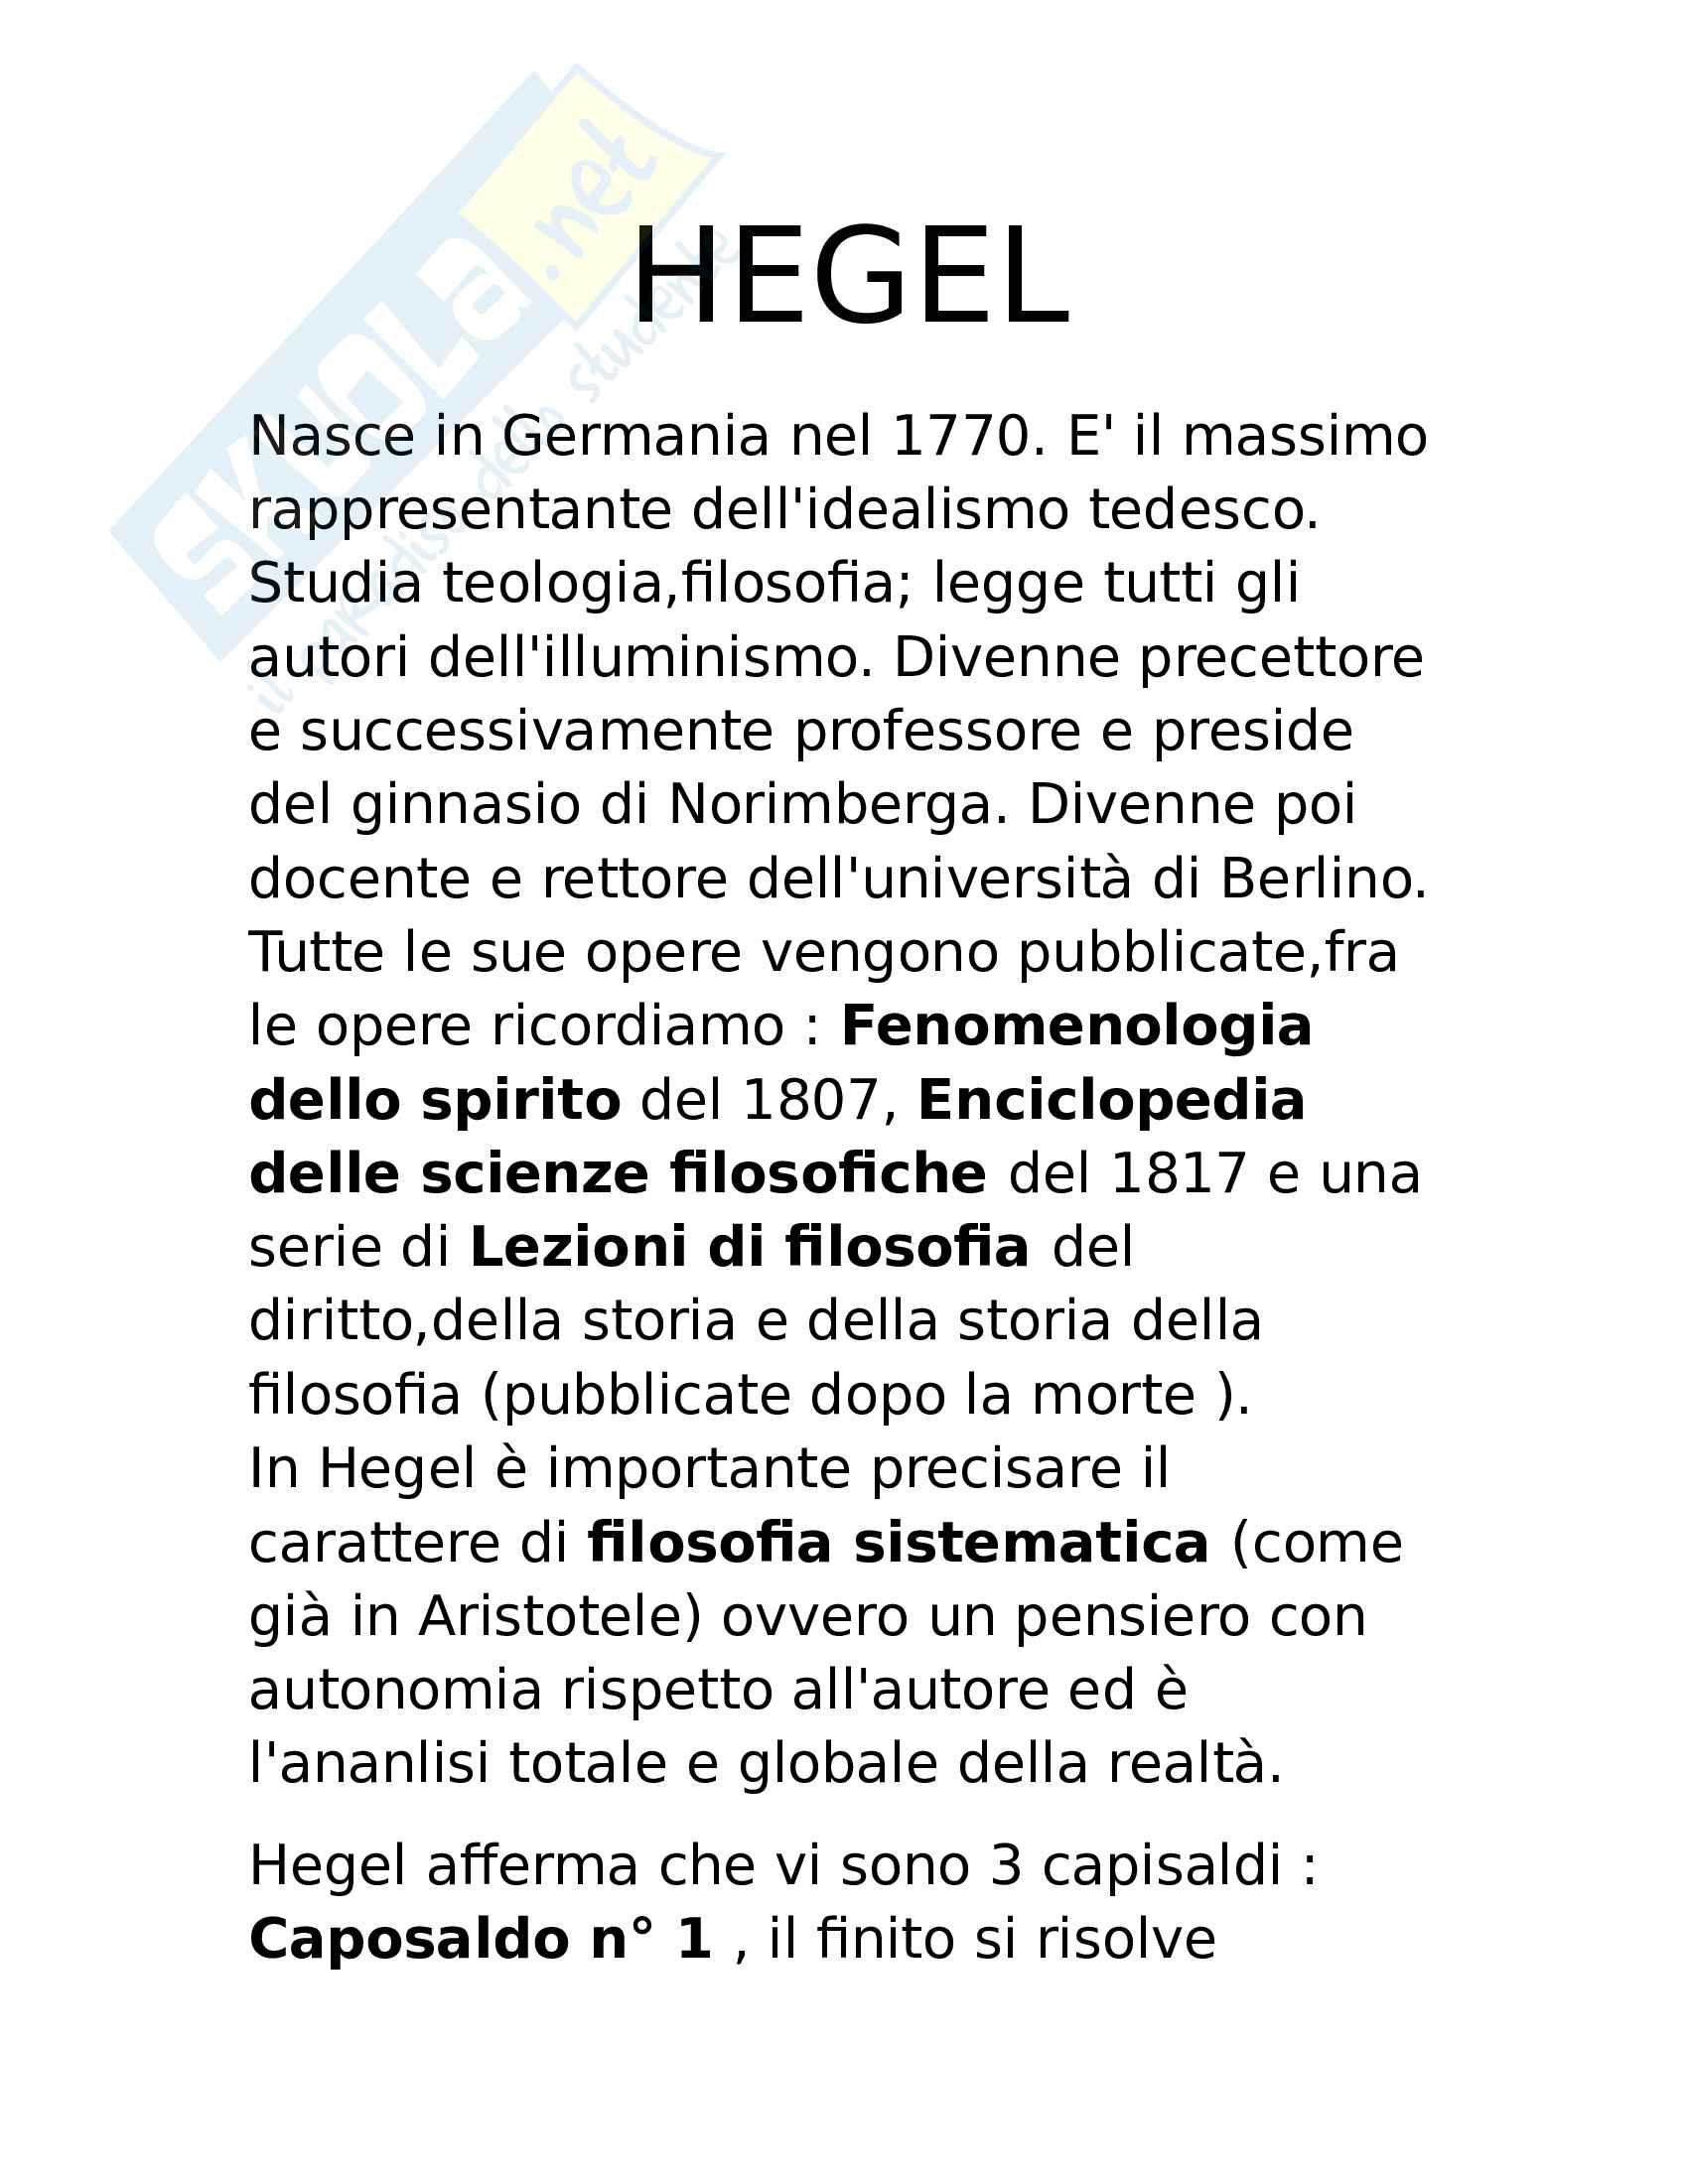 Hegel, breve trattazione con dottrina base